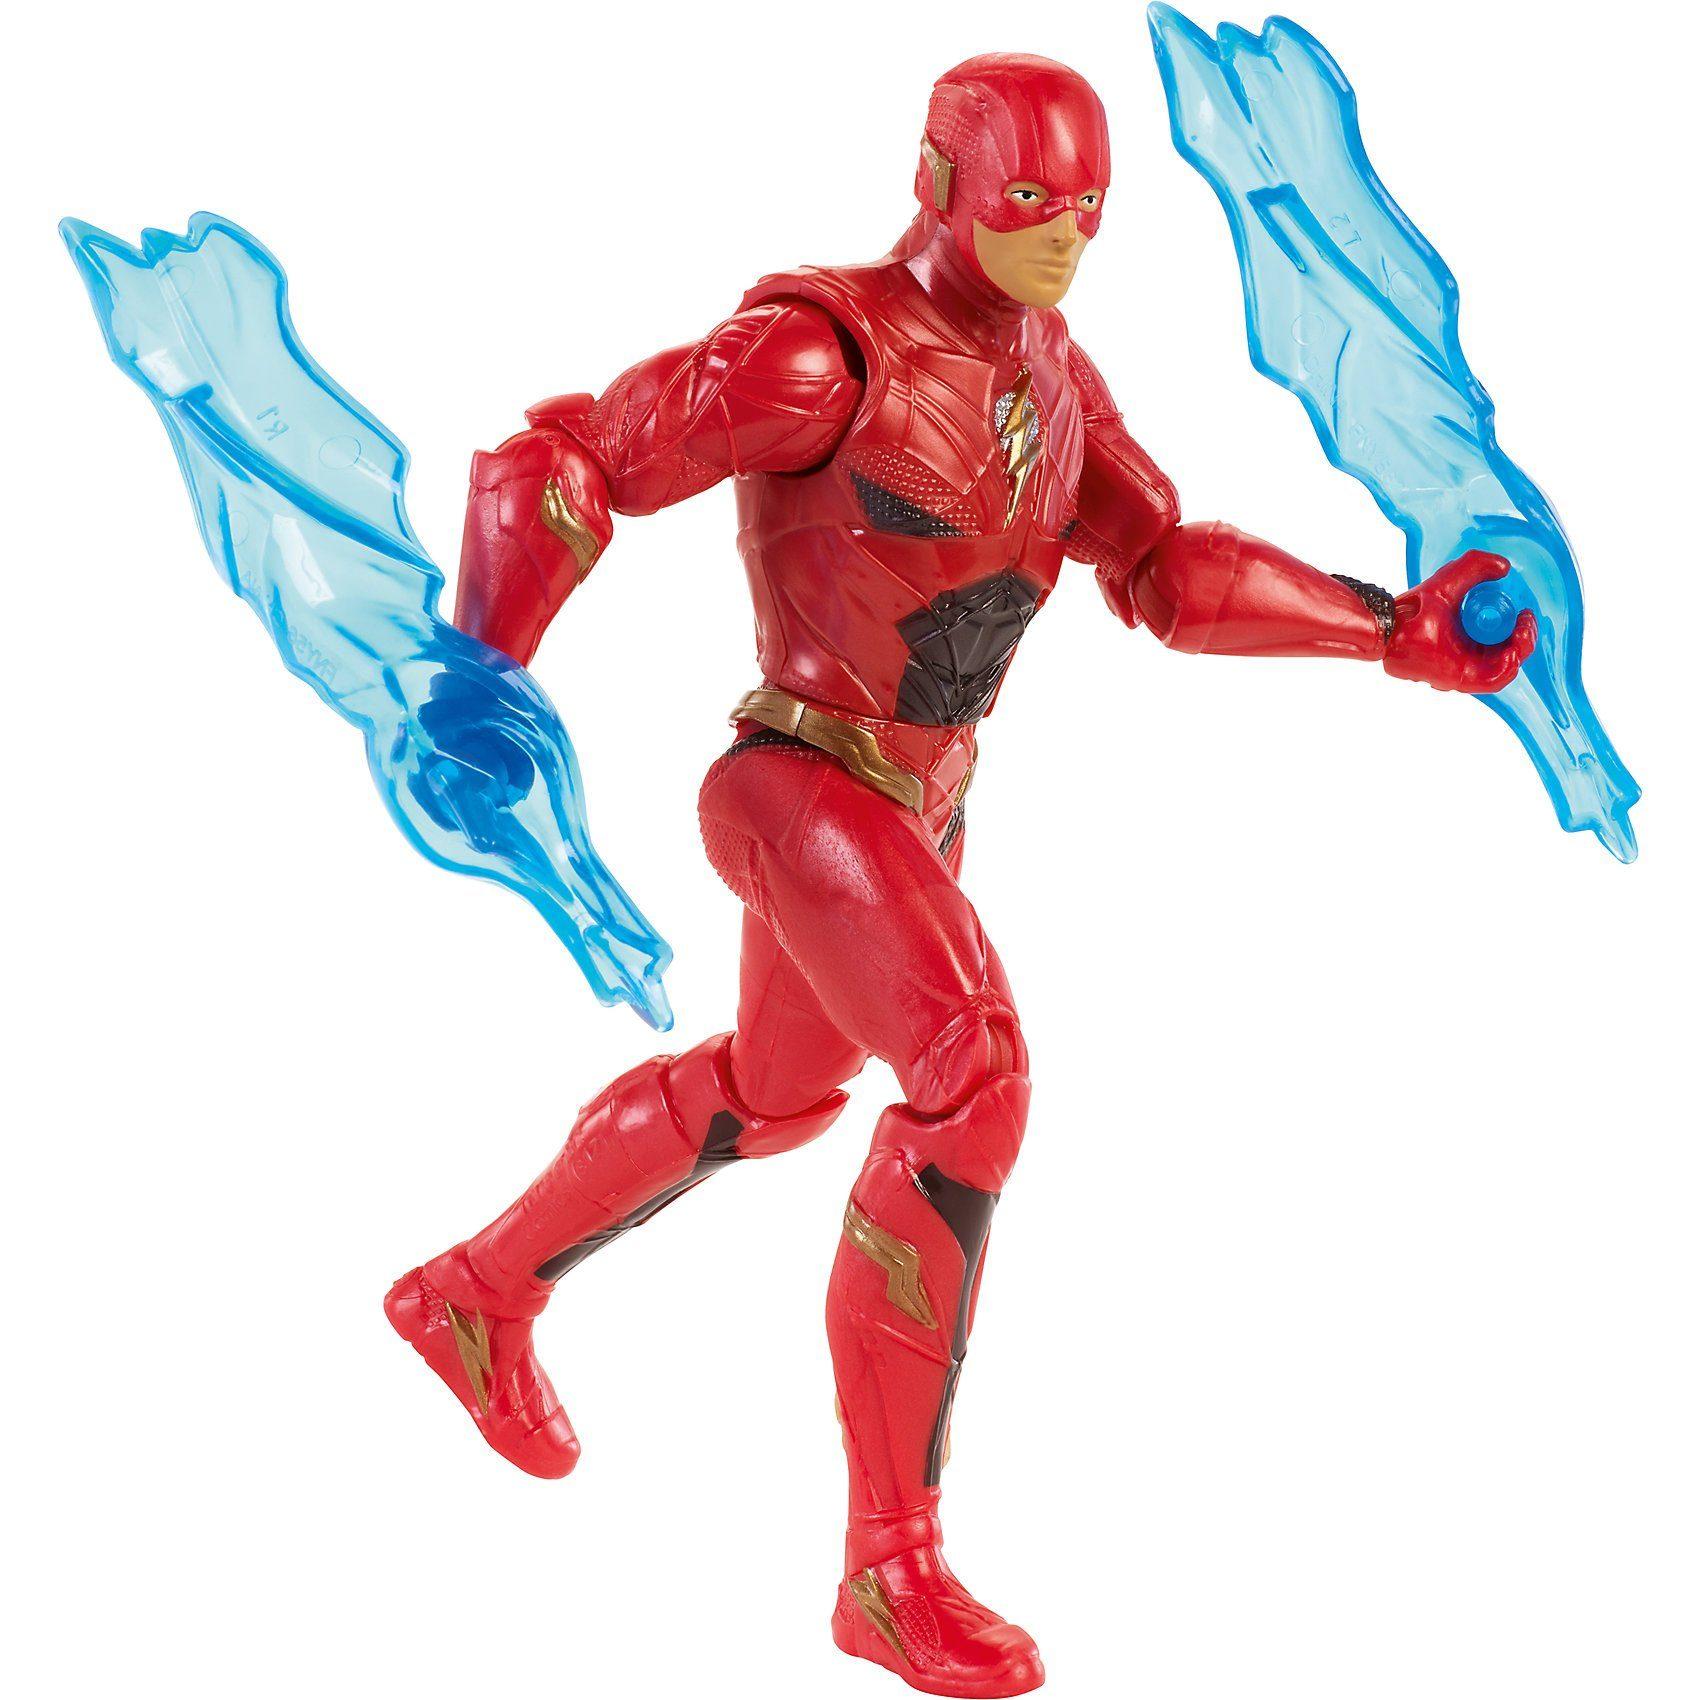 Mattel® DC Justice League Movie Basis Figur The Flash (15 cm)